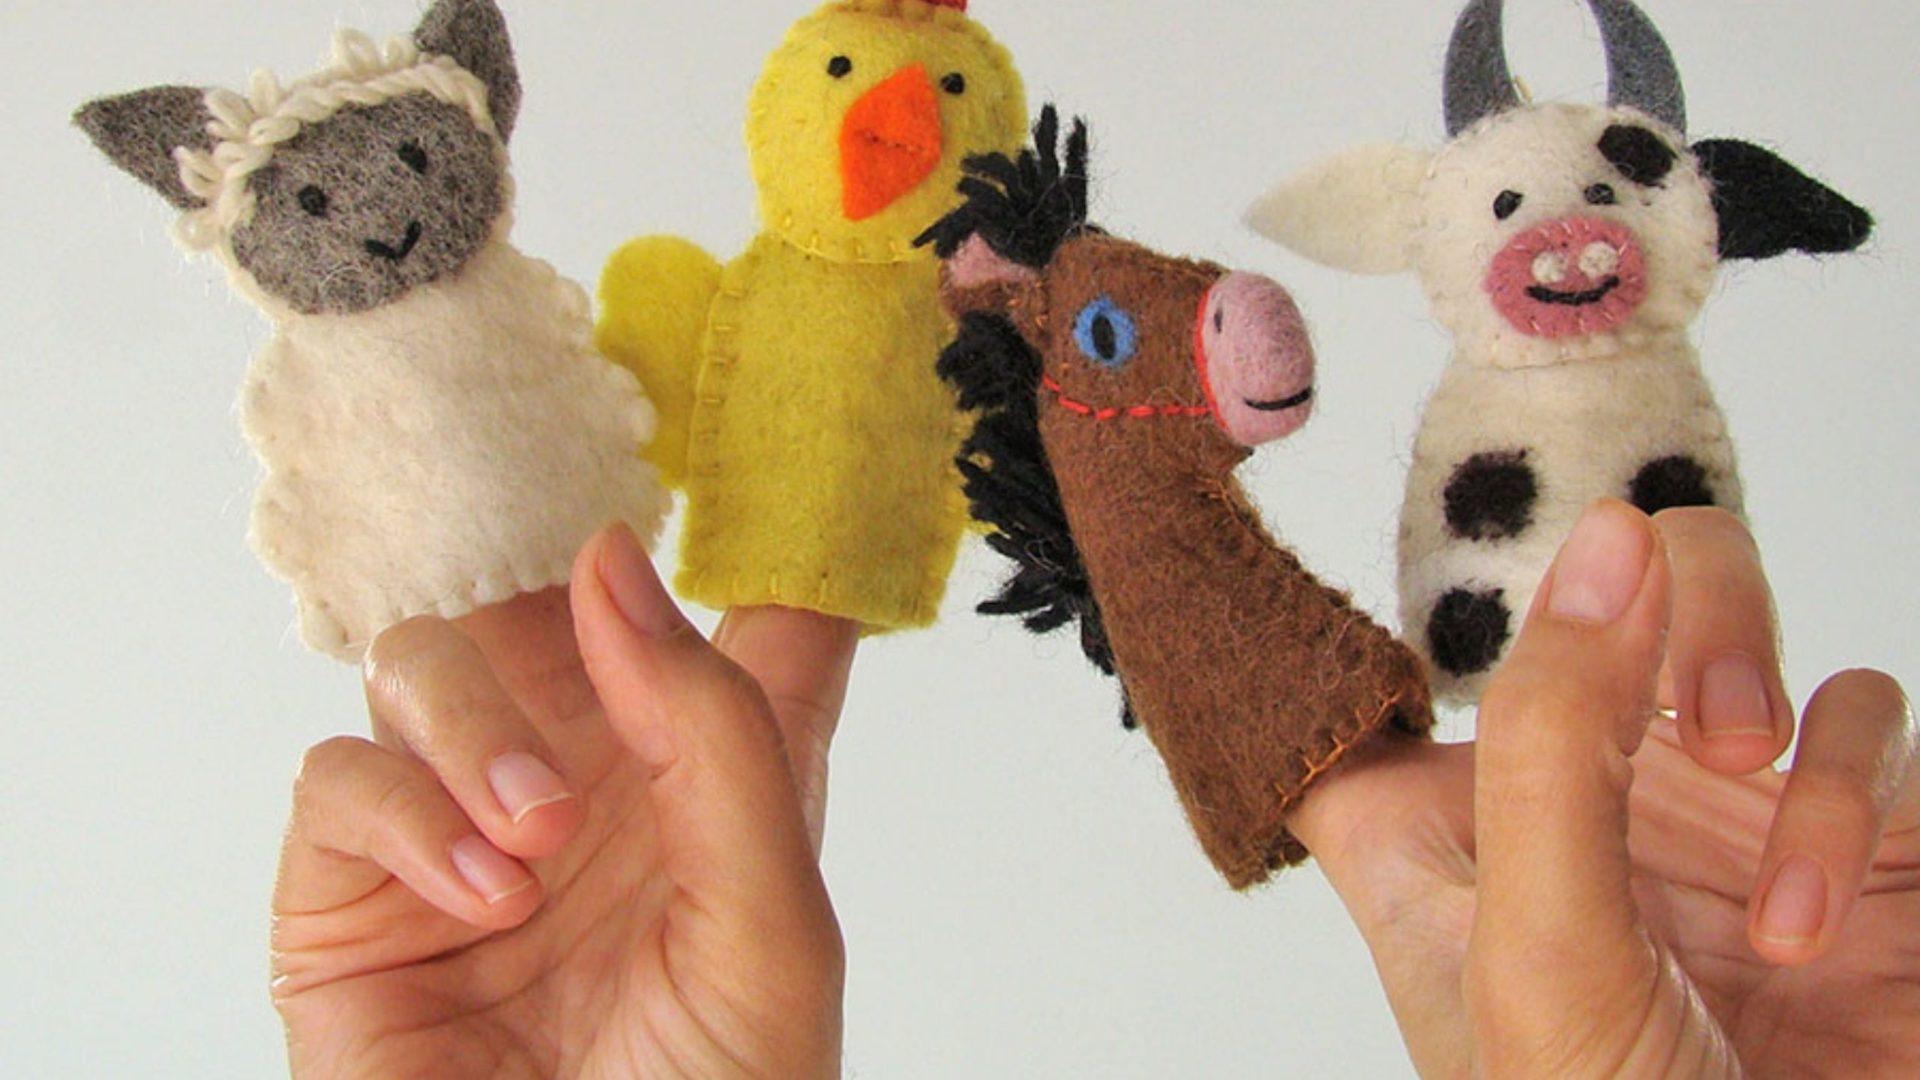 Précommande de jouets Papoose en laine feutrée